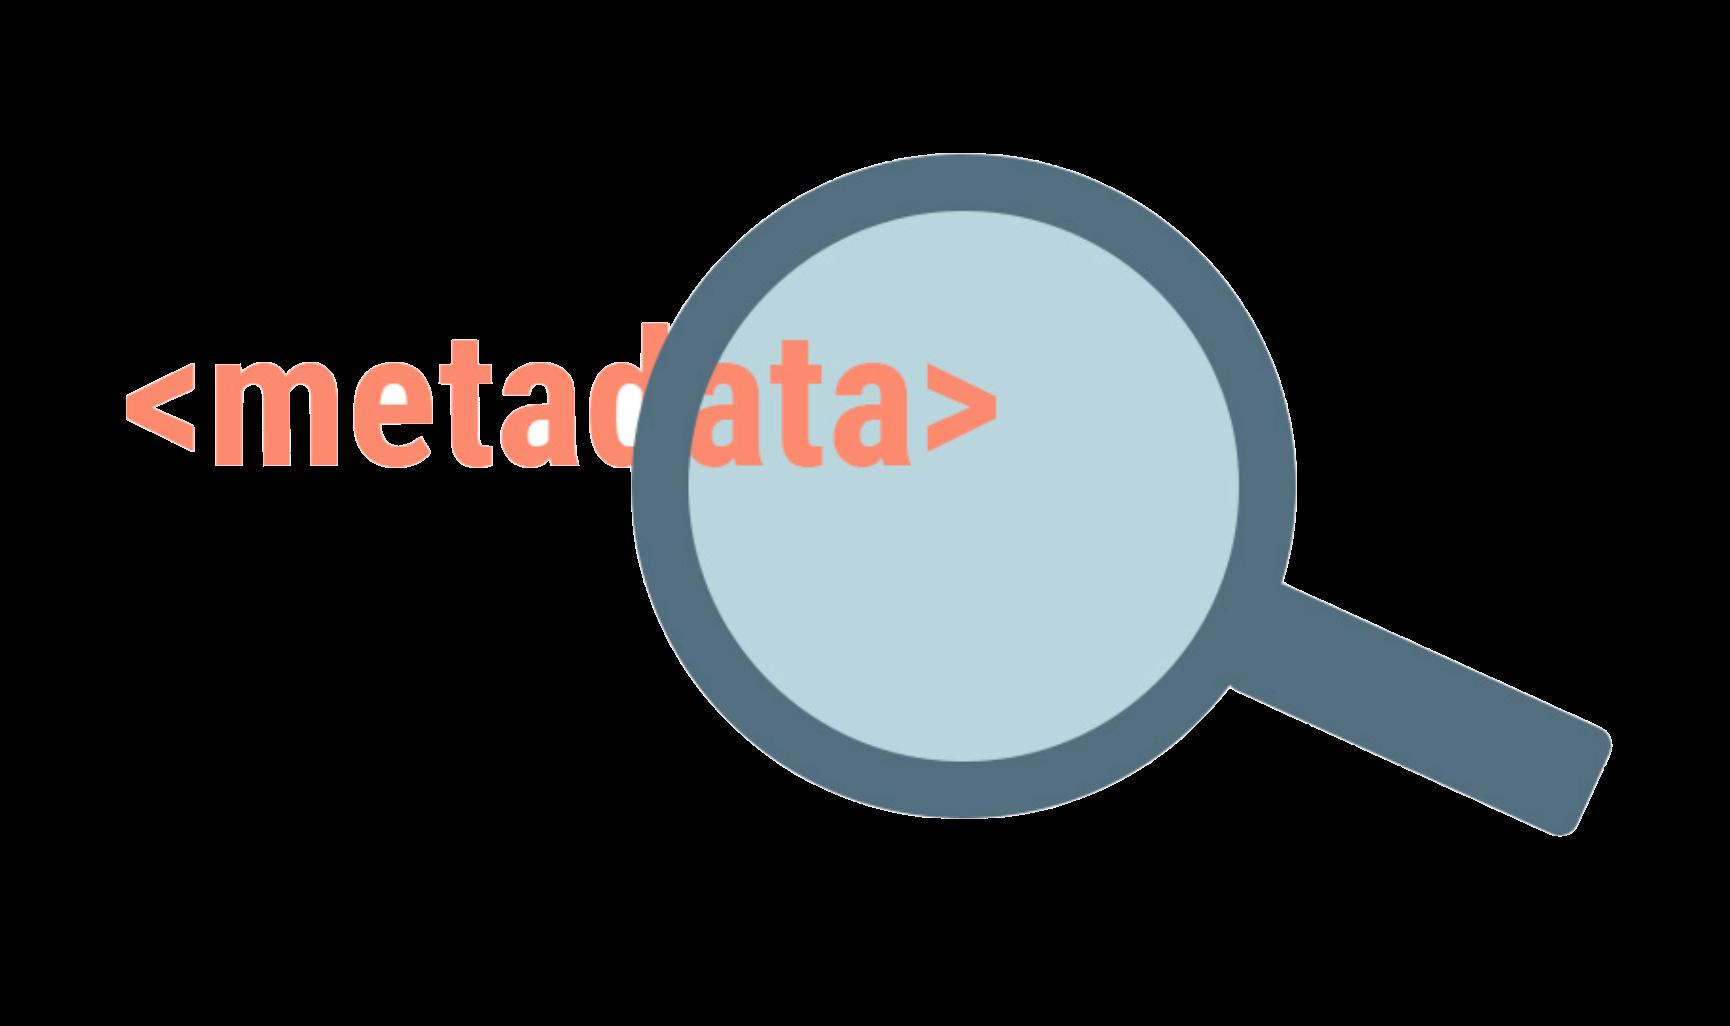 doc/img/metadata.png